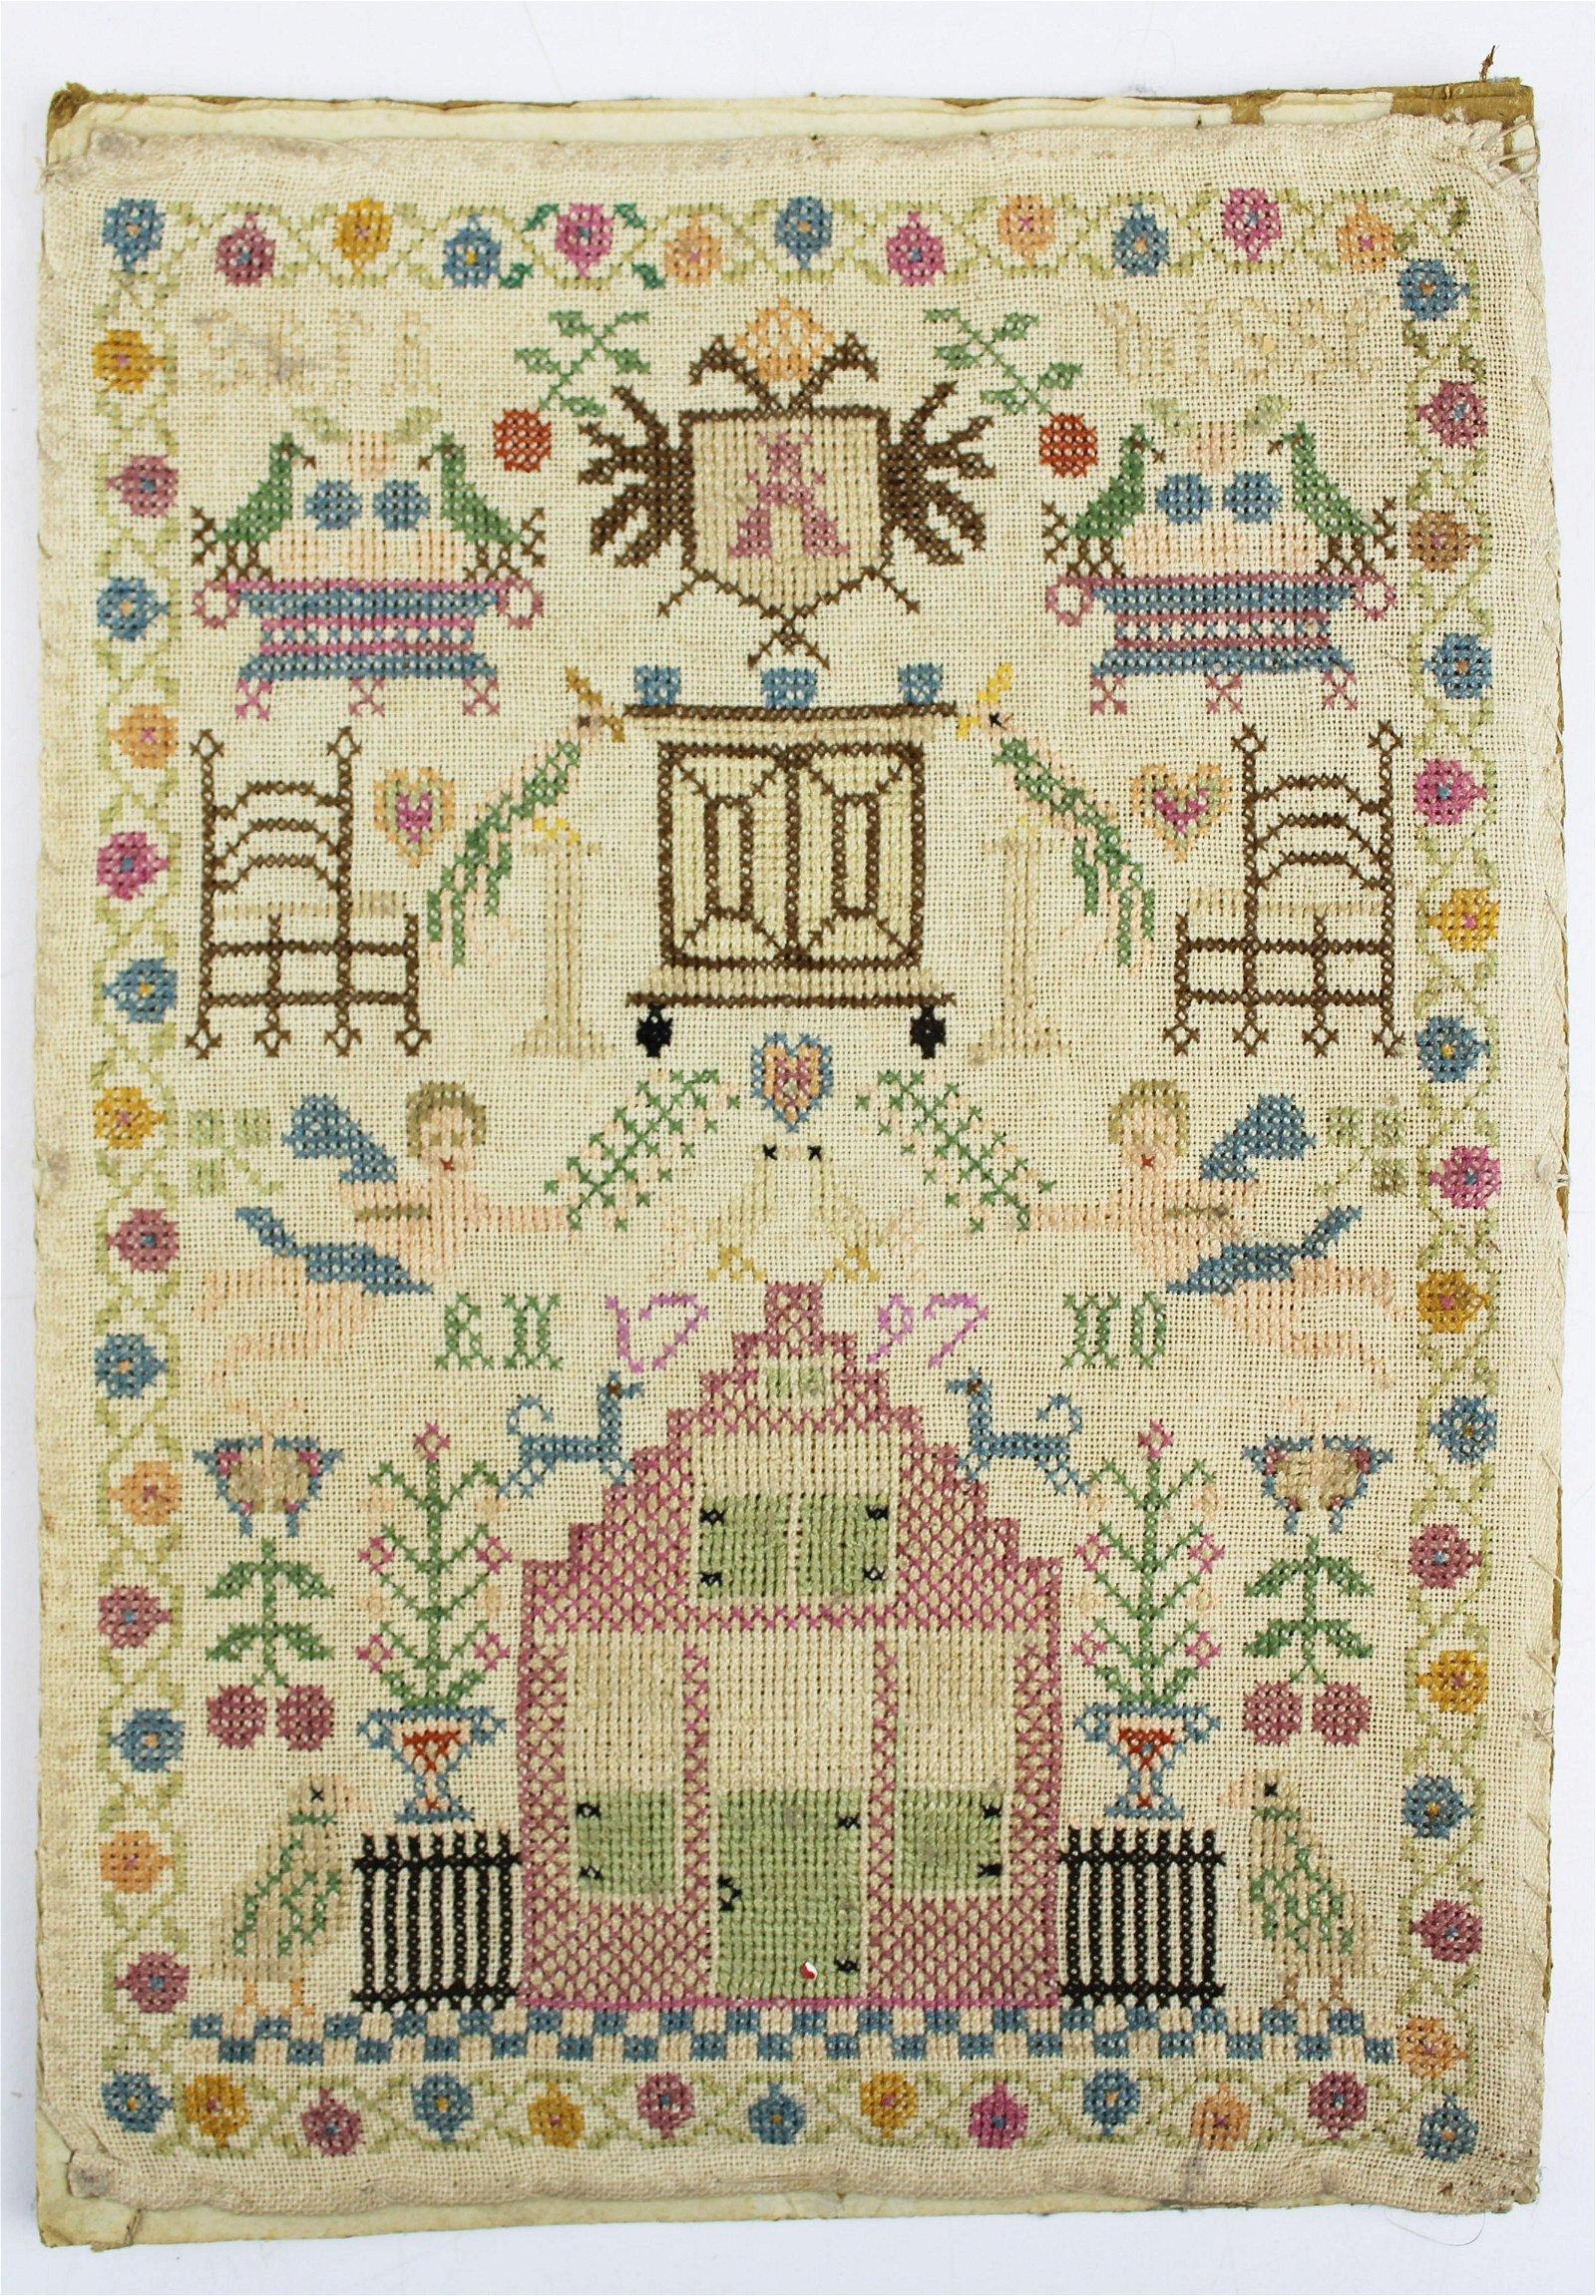 1797 Sara Wisse schoolgirl sampler